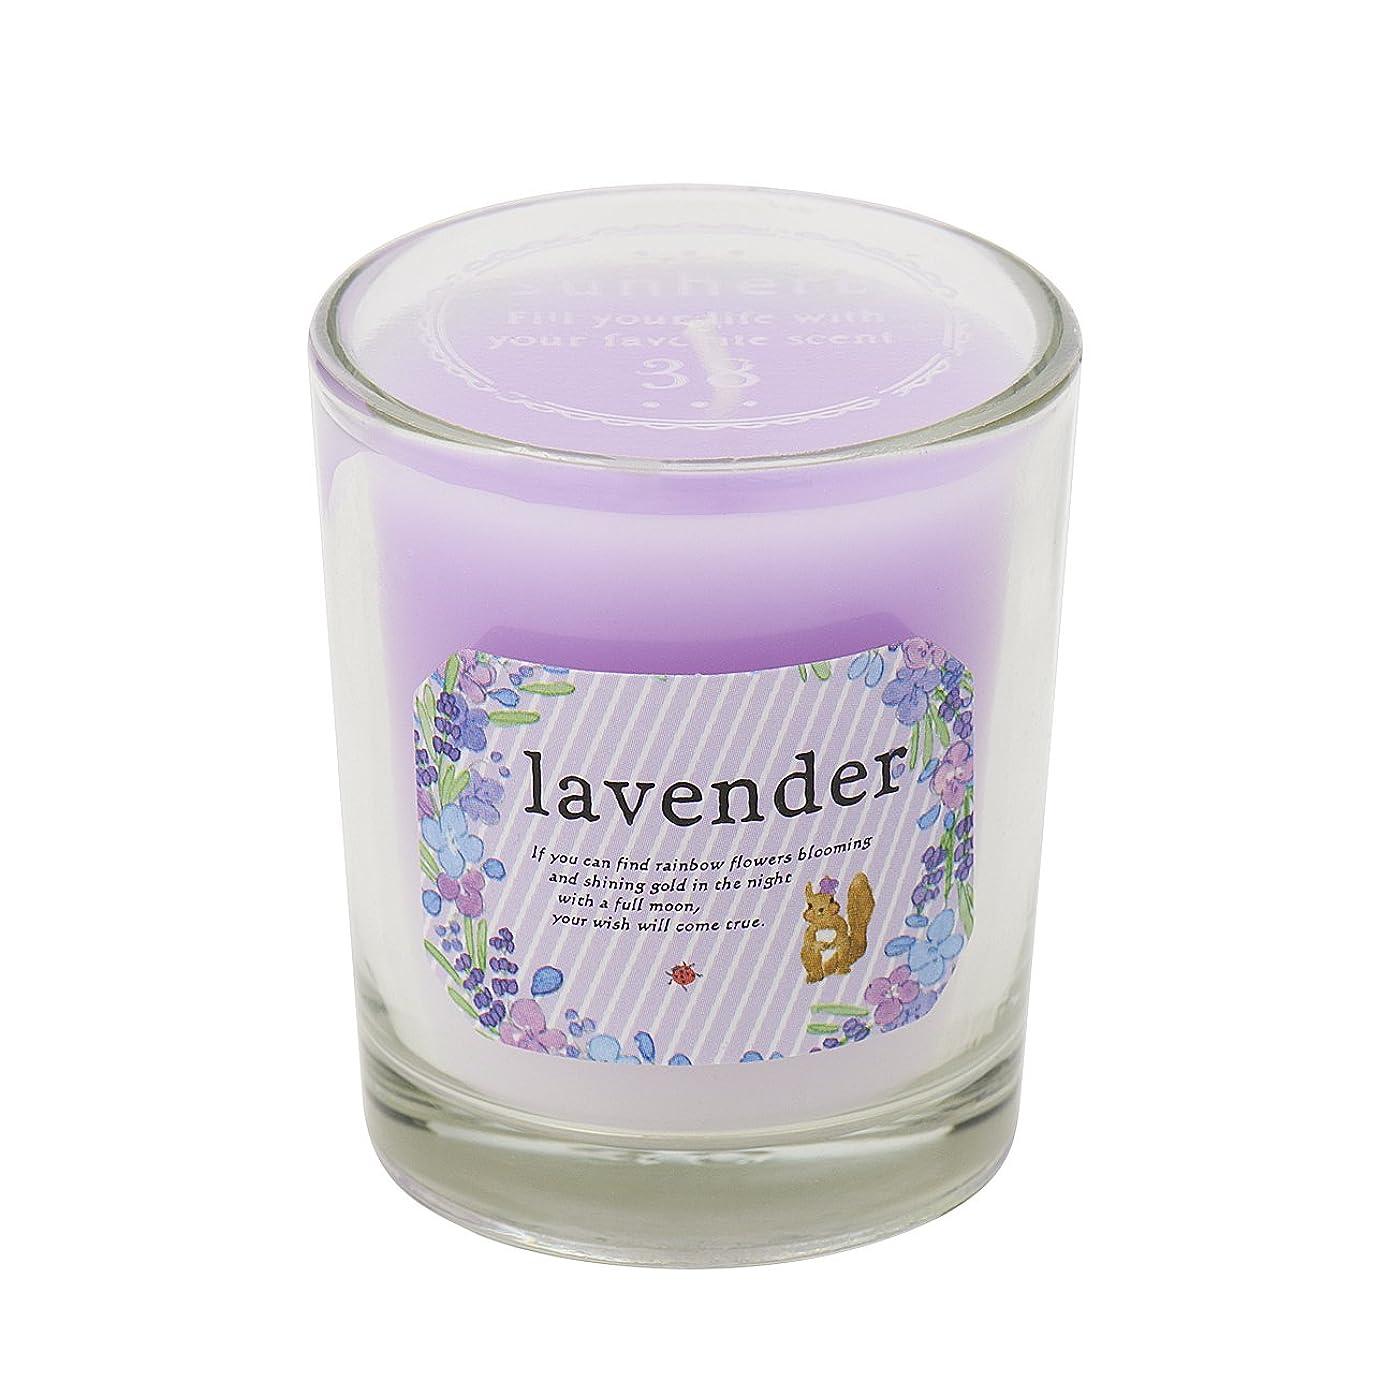 フラスコ不調和まっすぐサンハーブ グラスキャンドル ラベンダー 35g(グラデーションろうそく 燃焼時間約10時間 ふわっと爽やかなラベンダーの香り)